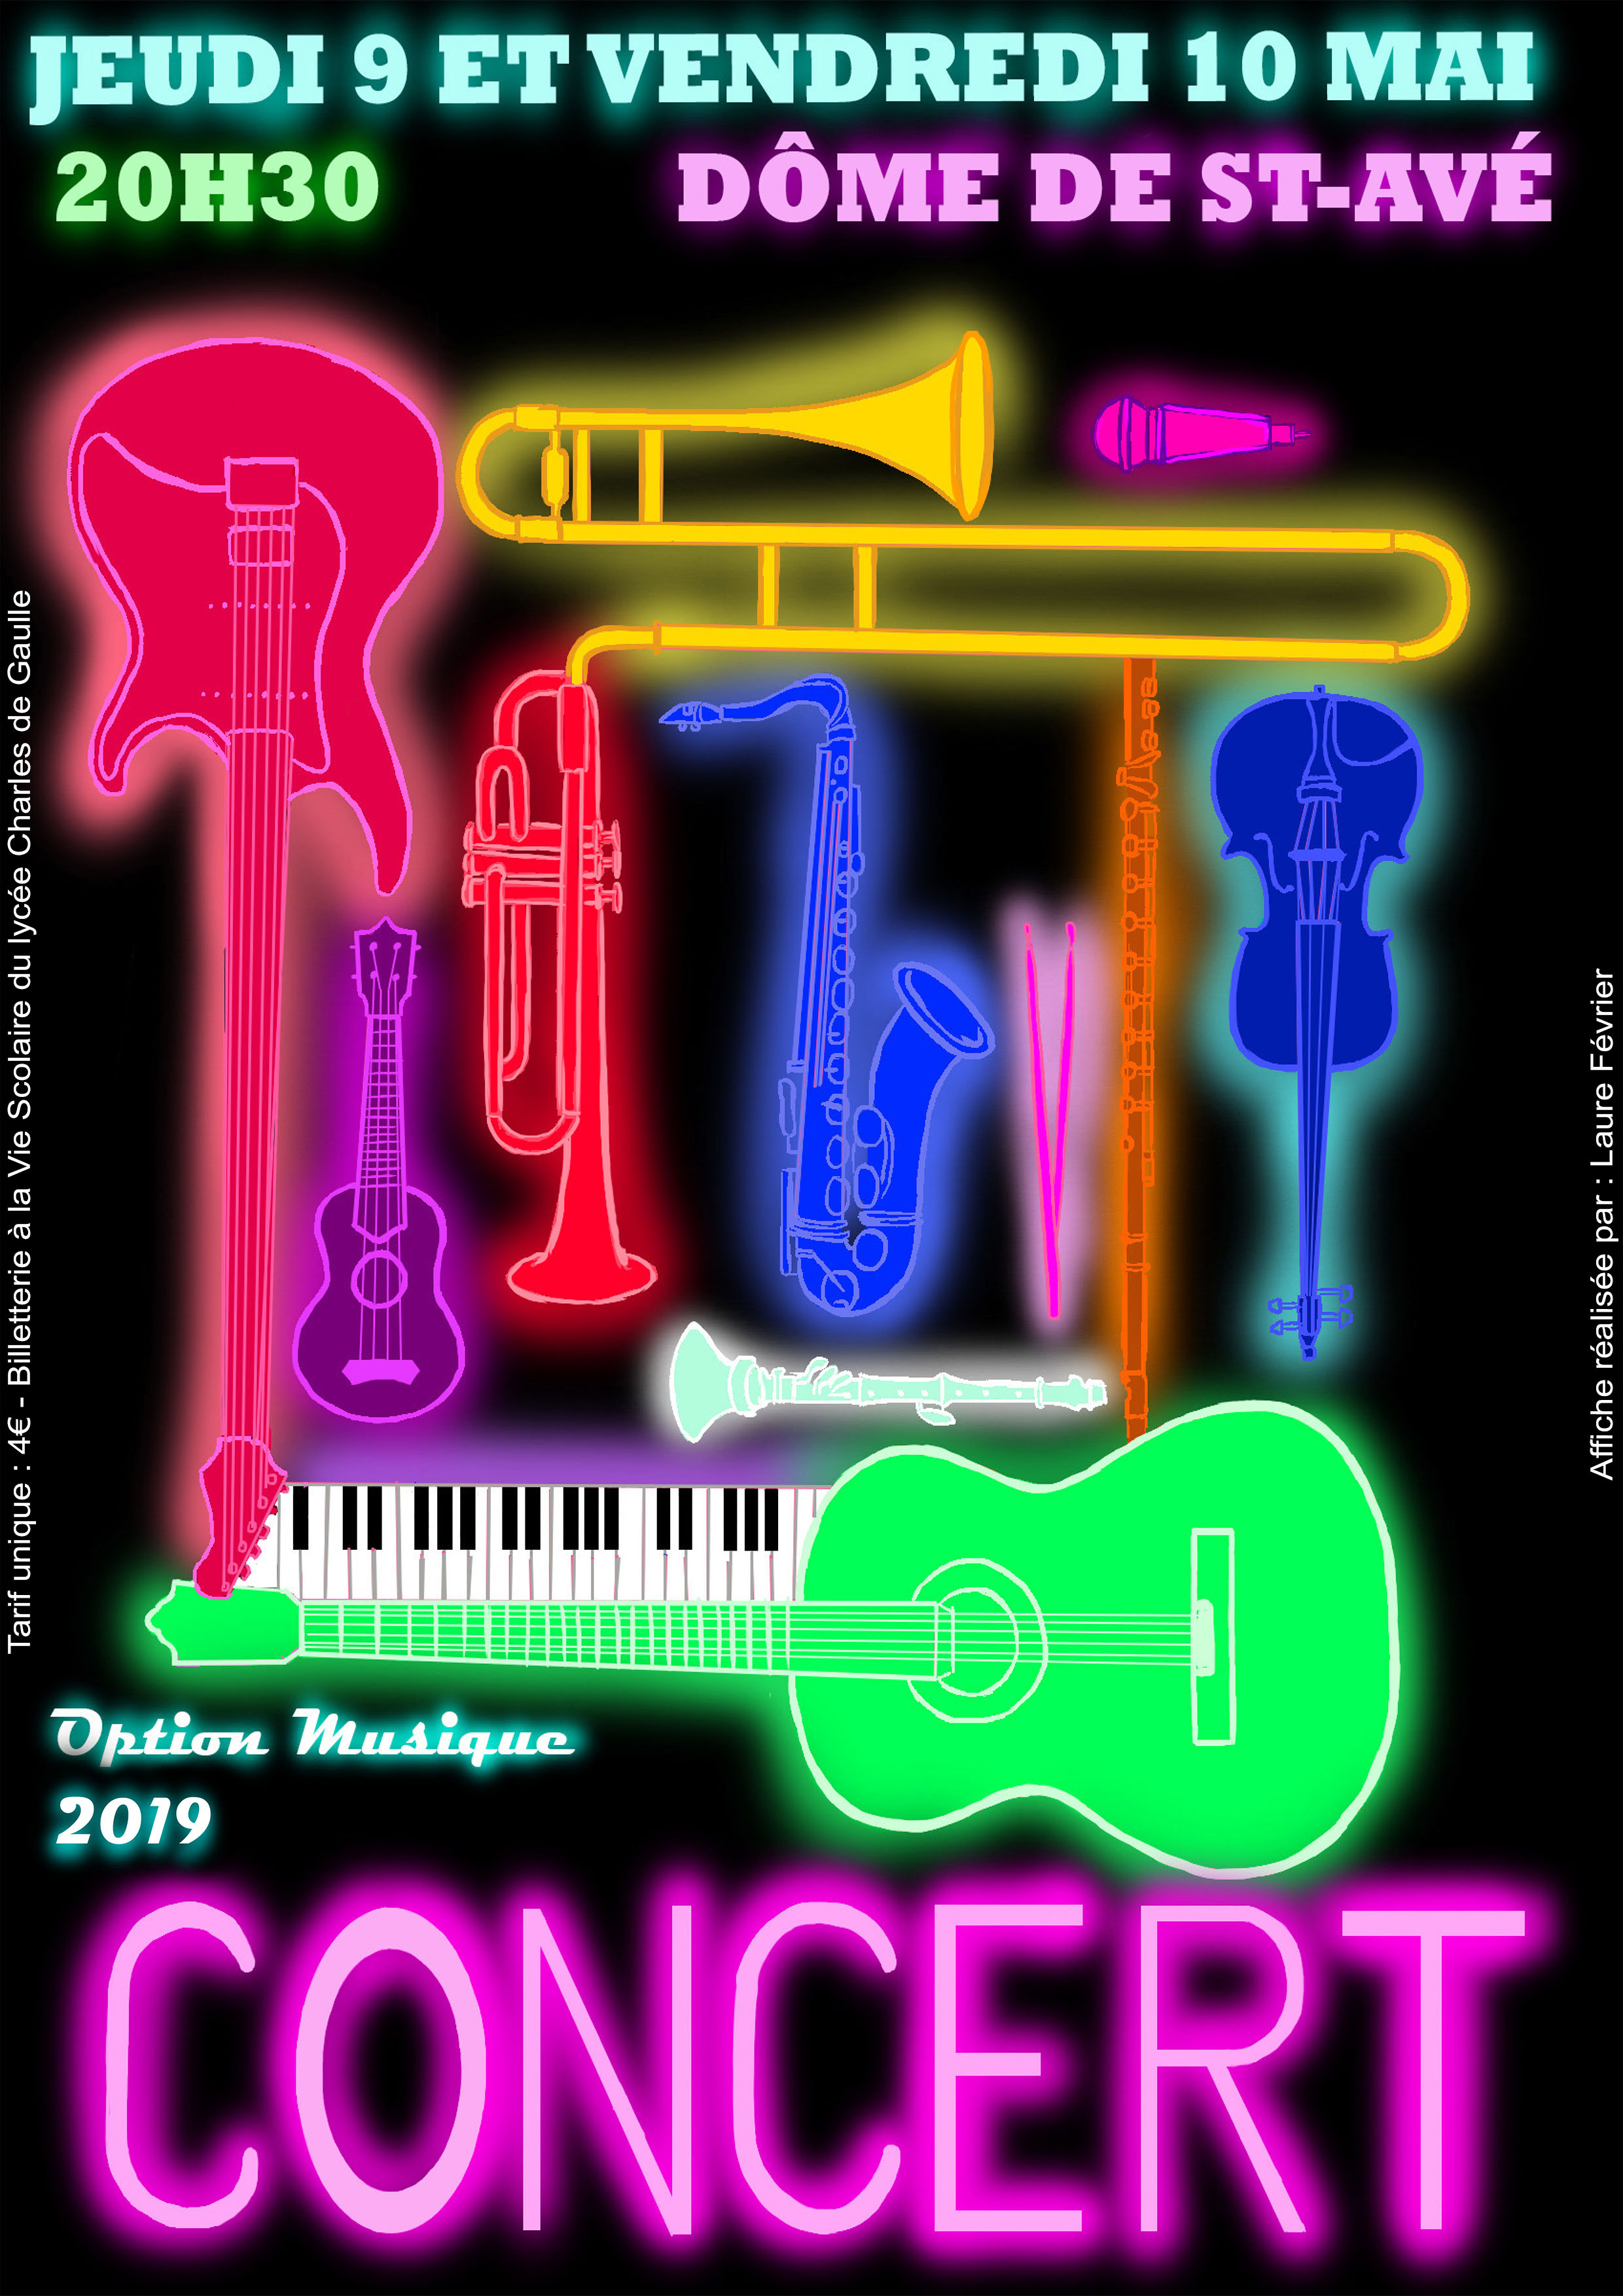 concert affiche